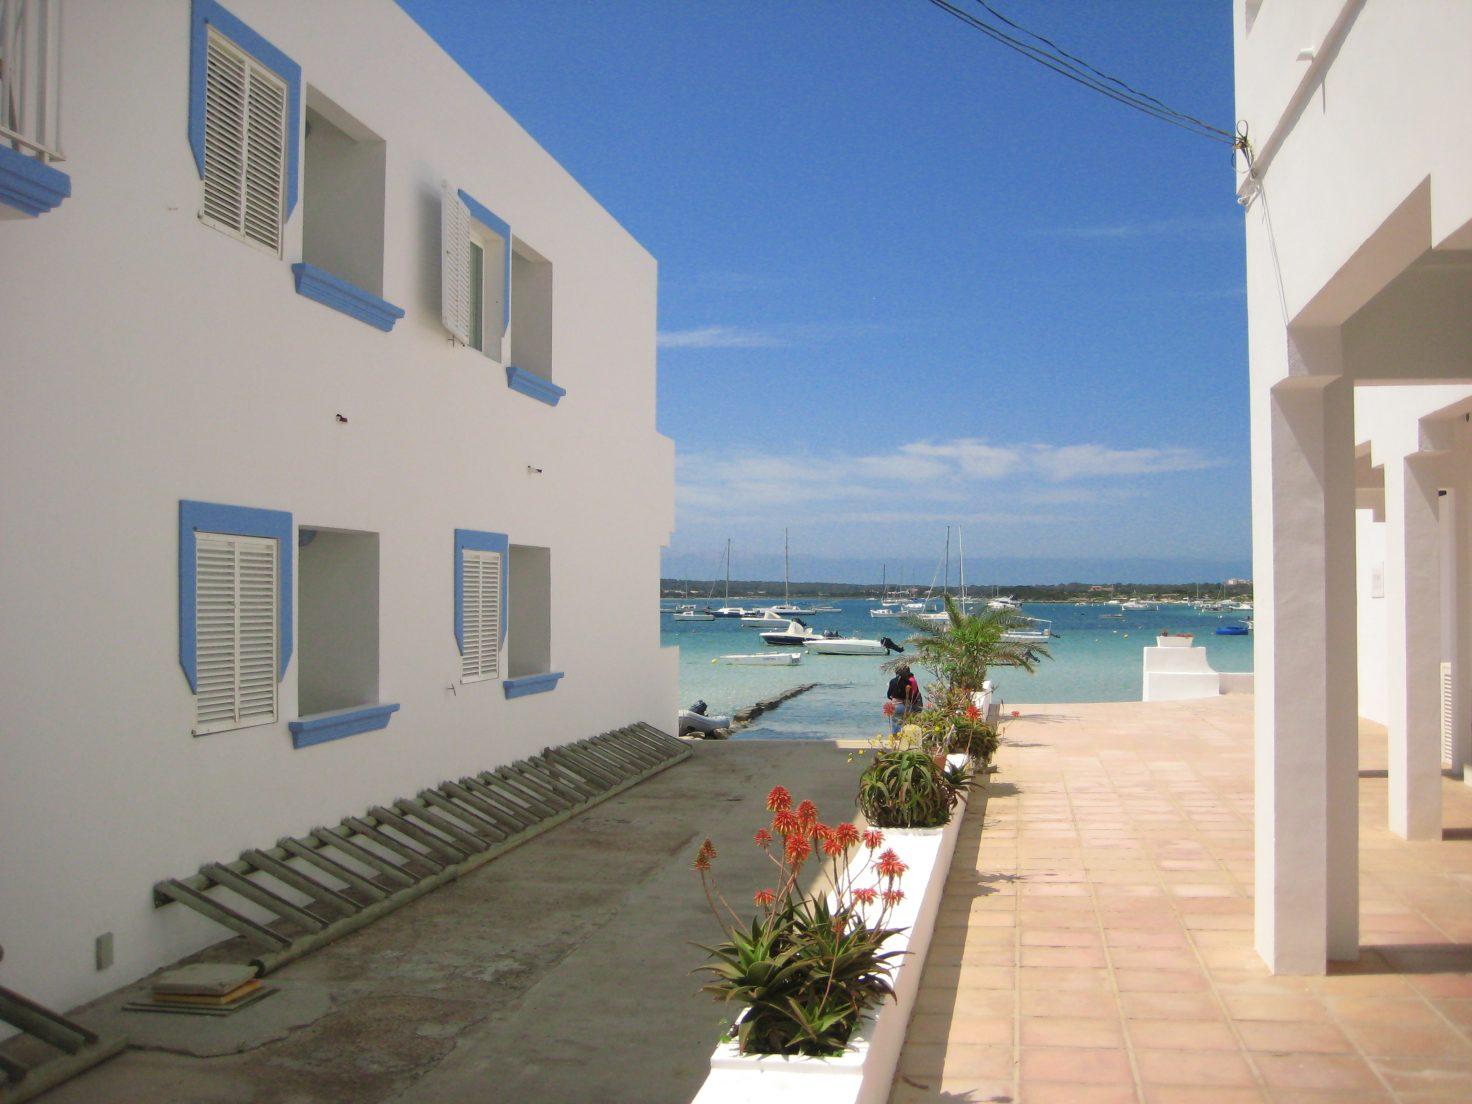 Une petite ruelle donnant sur une petite lagune à Formentera